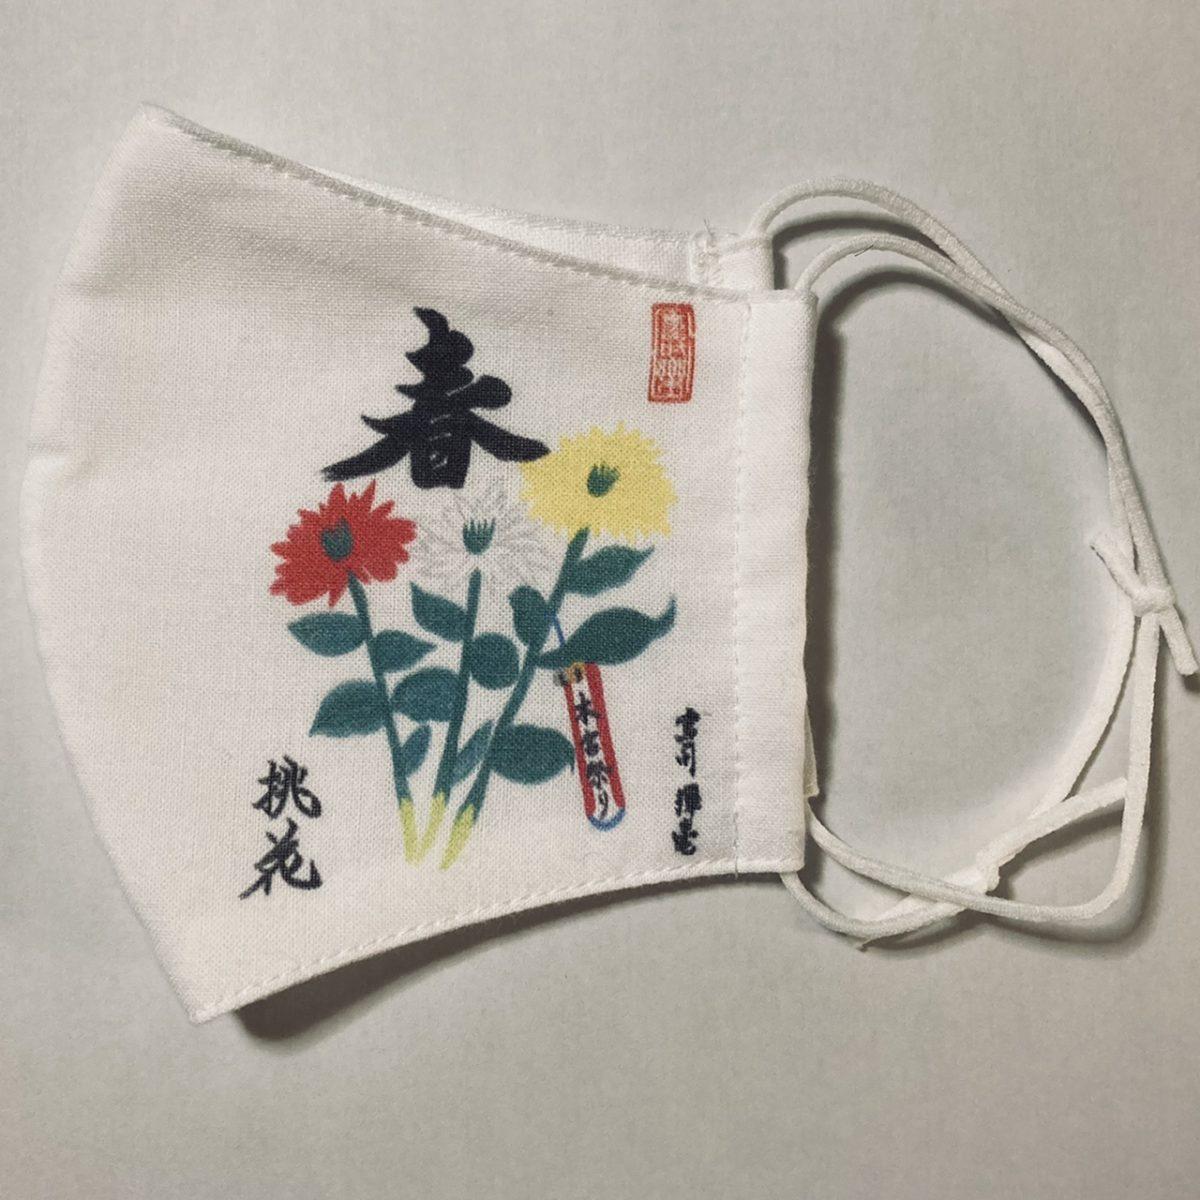 2021年の熊野本宮大社例大祭・本宮祭で着用したマスク3種